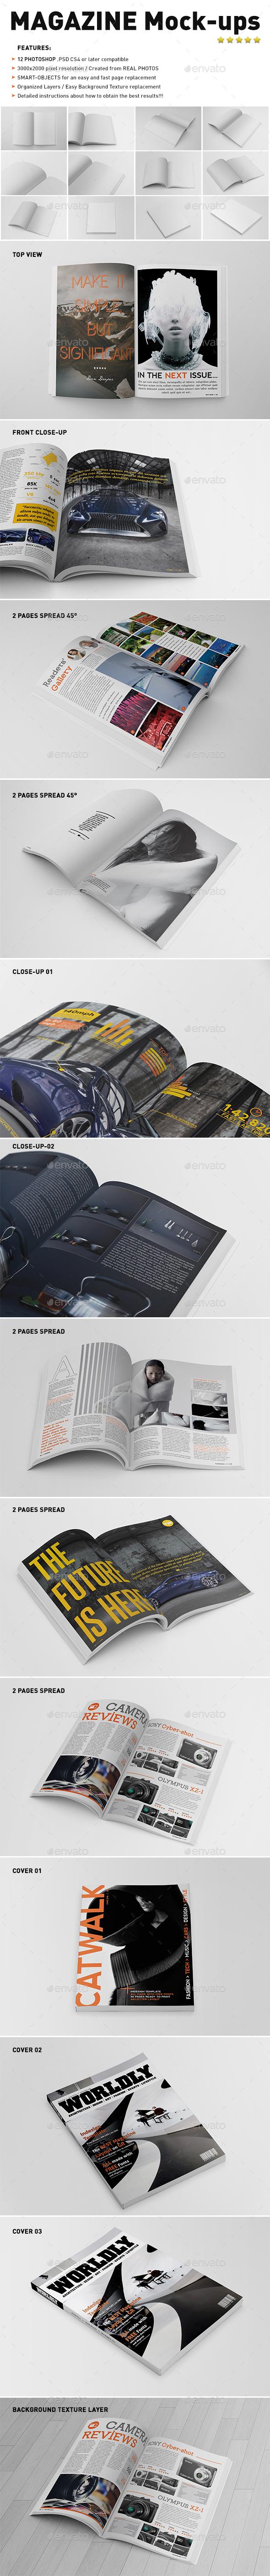 Photorealistic Magazine Mock-Ups - Magazines Print